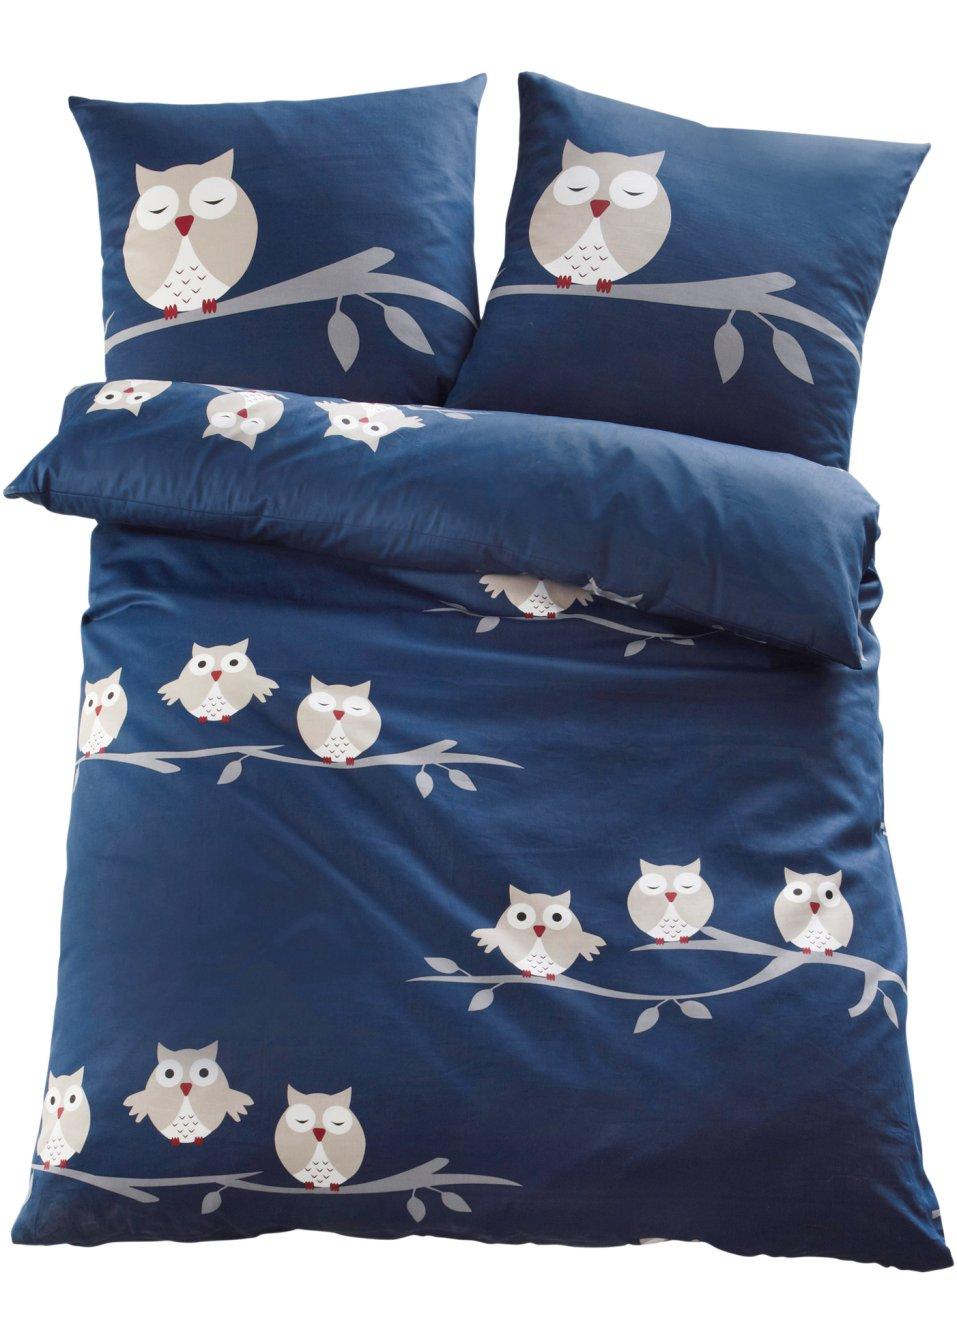 ein sch ner blickfang die bettw sche lea blau linon. Black Bedroom Furniture Sets. Home Design Ideas